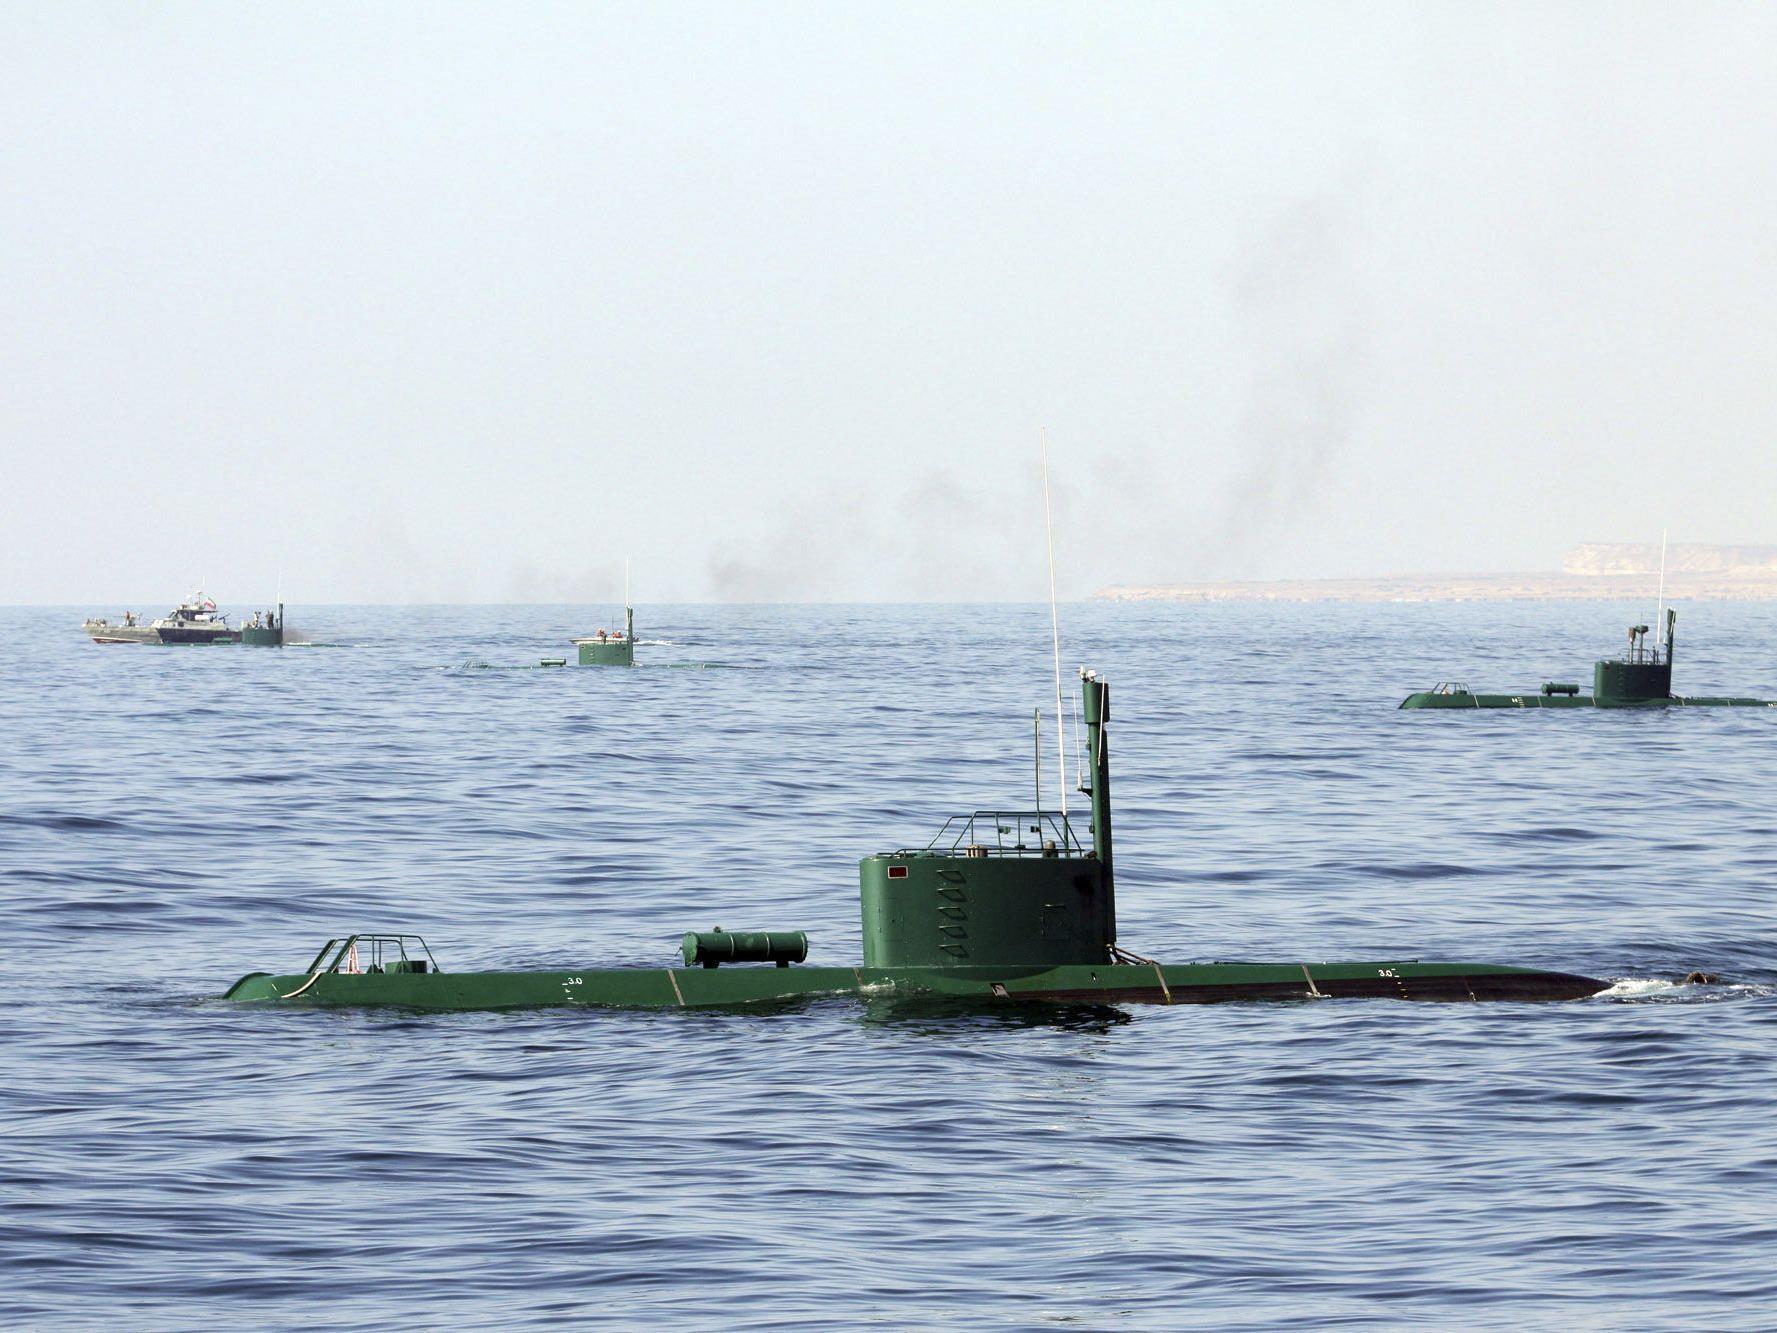 Der Iran ist die erste Macht am Golf mit einer eigenen Uboot-Flotte.